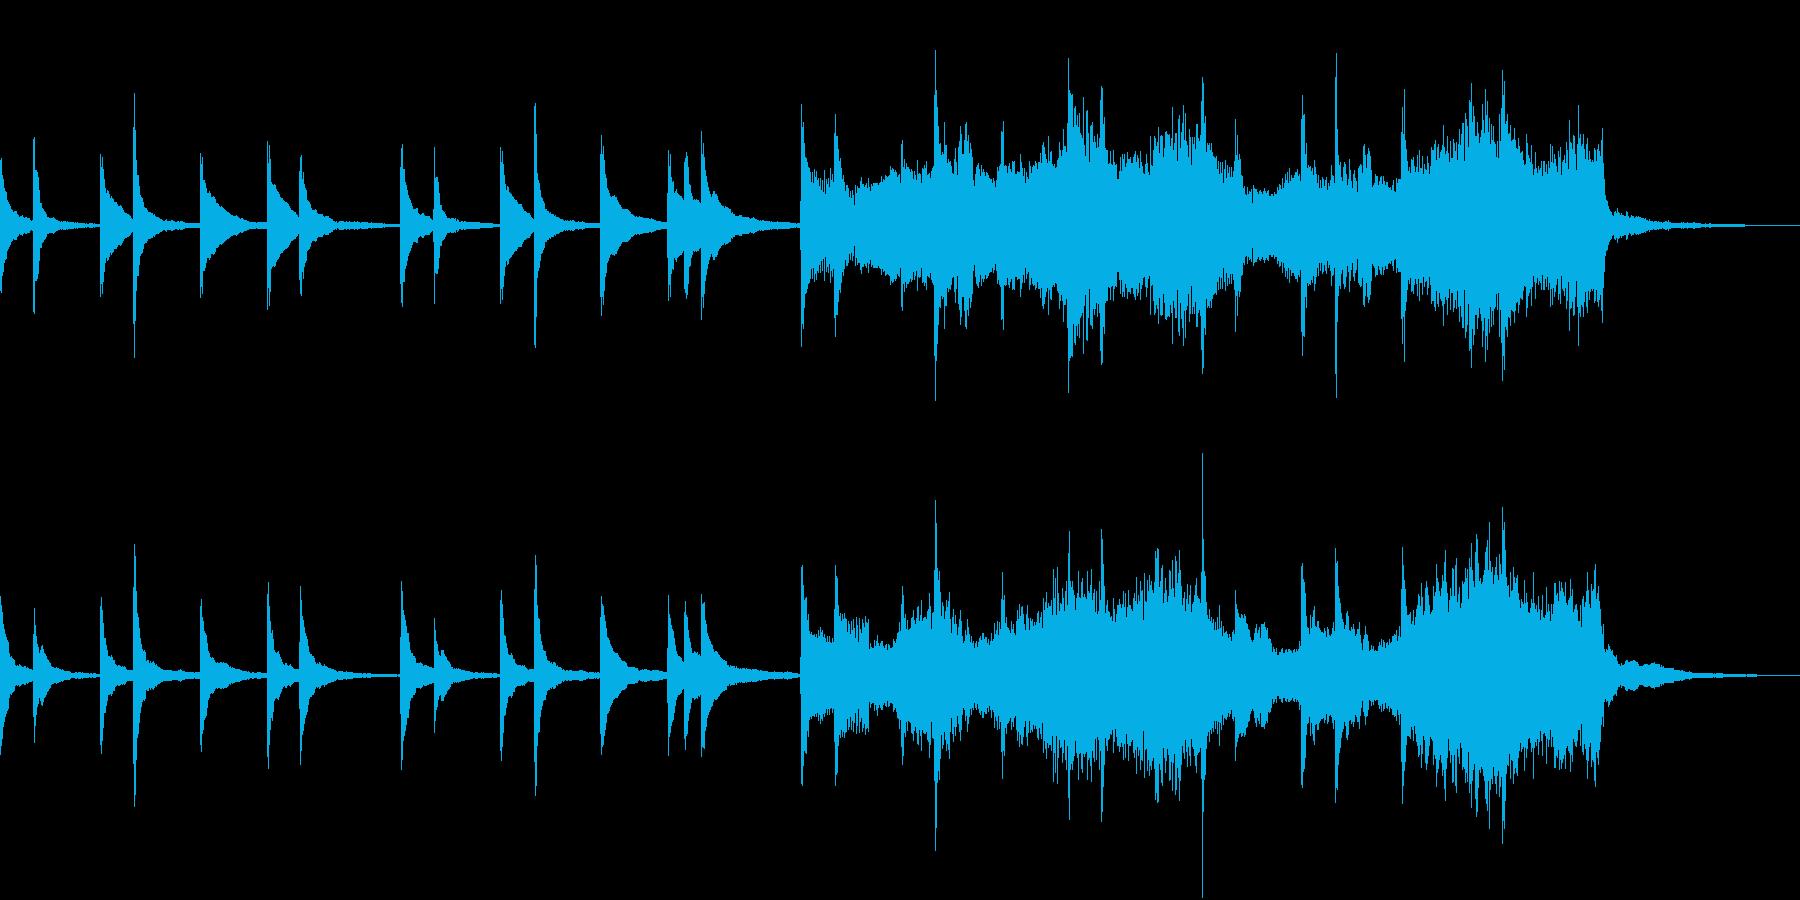 琴とストリングスのゆったりとした和BGMの再生済みの波形